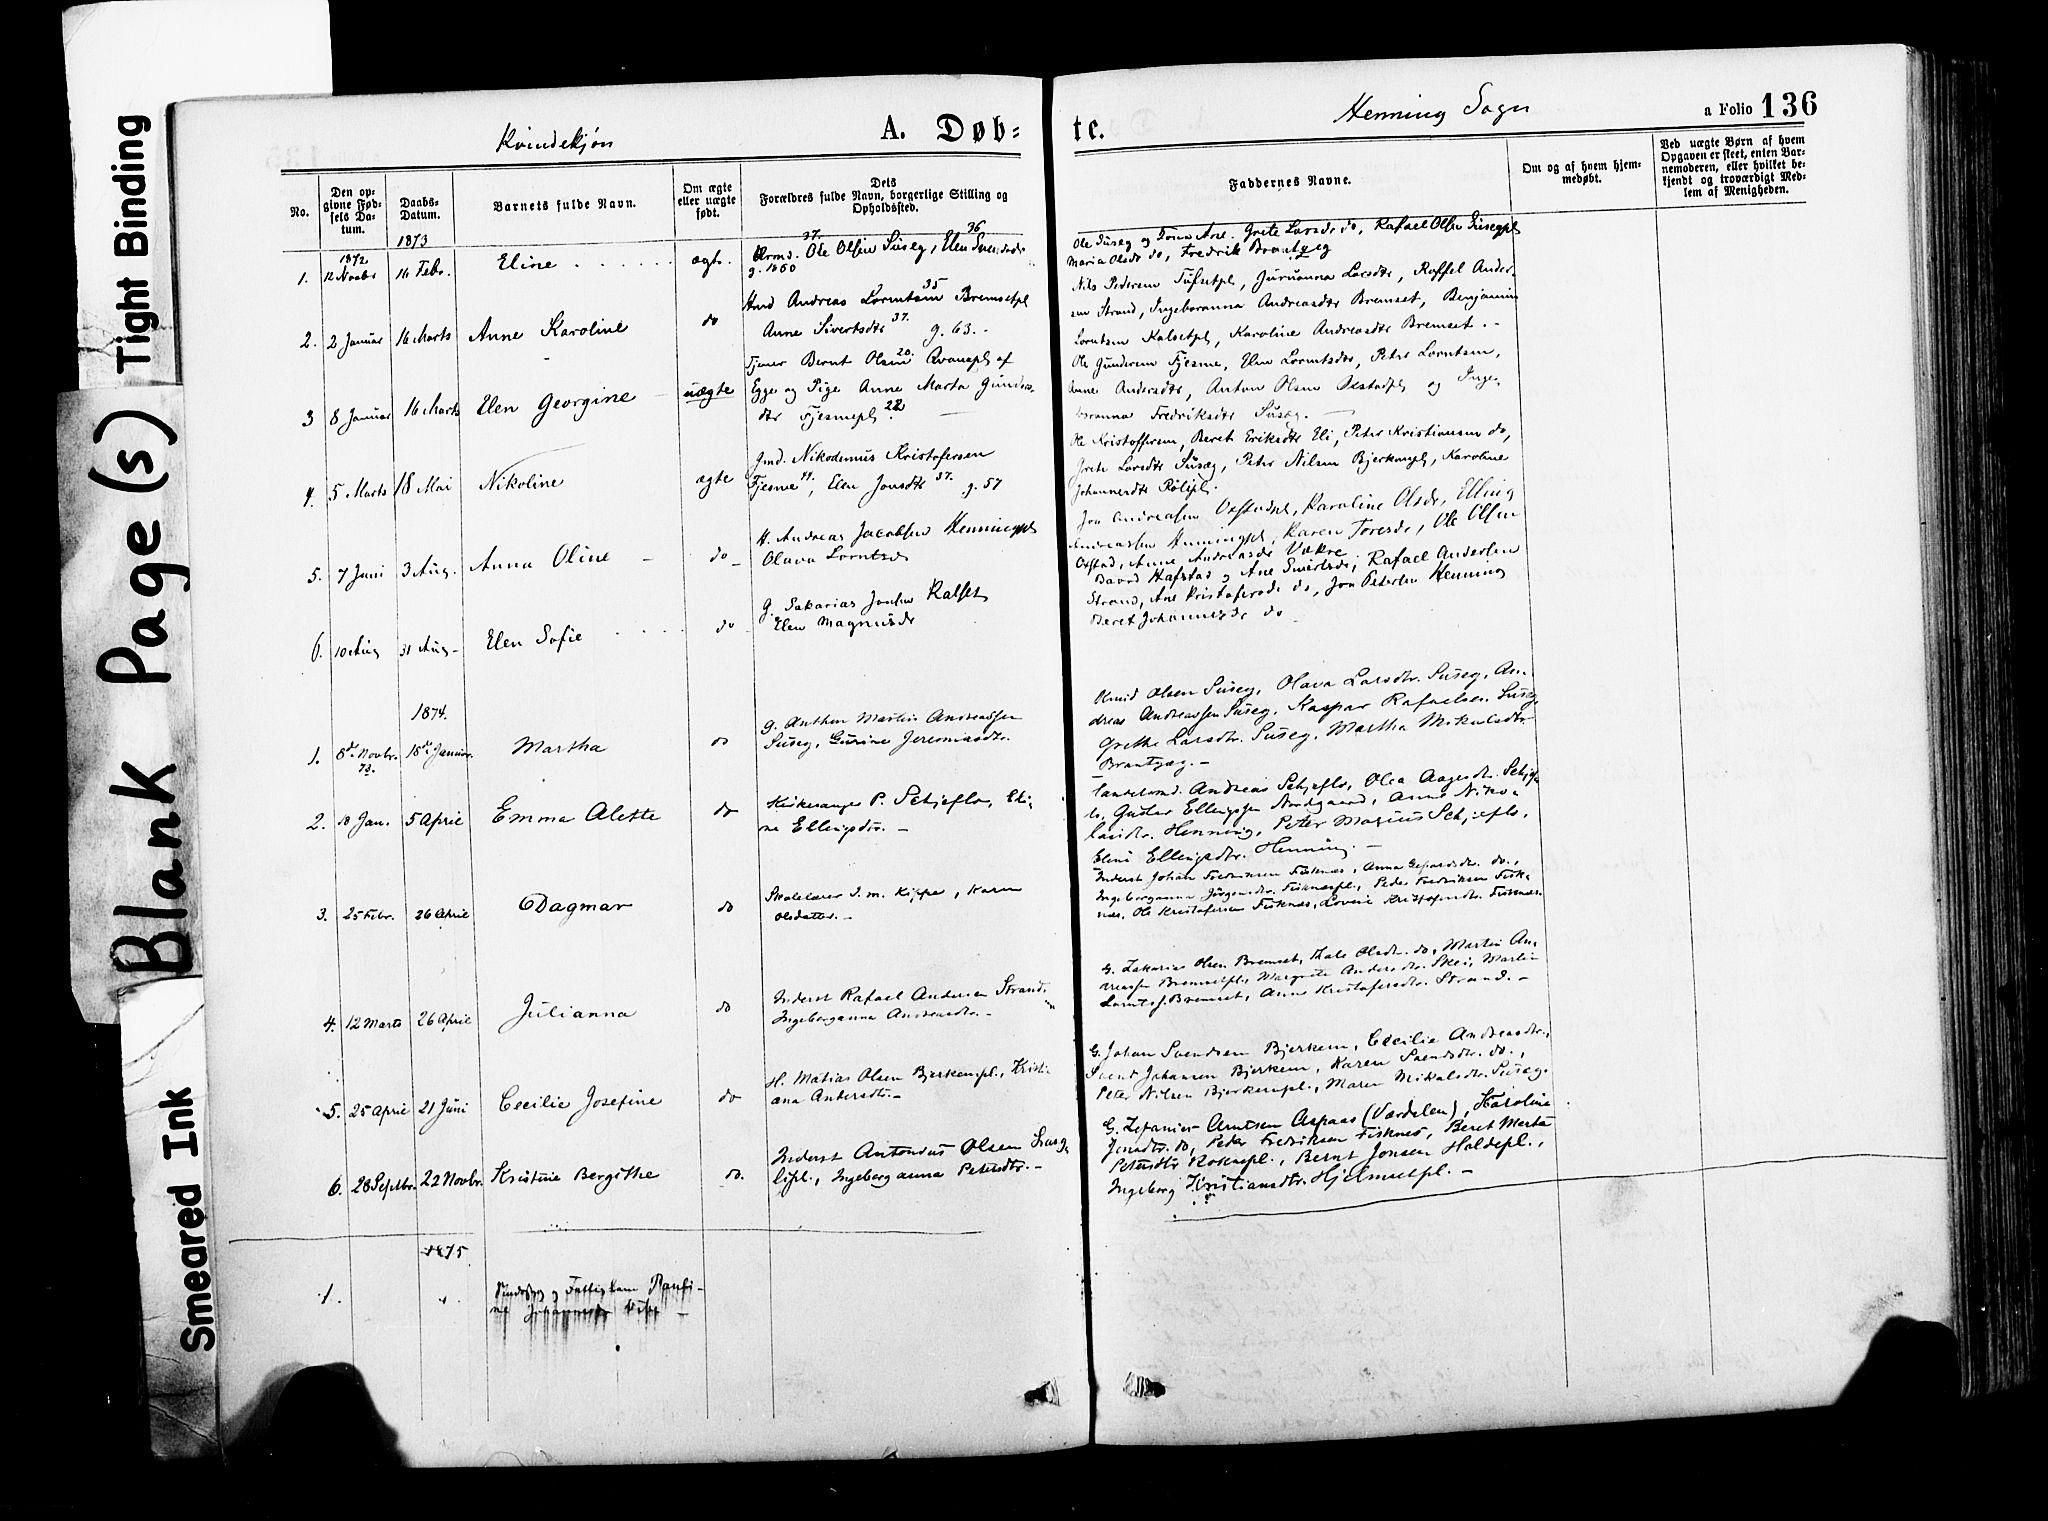 SAT, Ministerialprotokoller, klokkerbøker og fødselsregistre - Nord-Trøndelag, 735/L0348: Ministerialbok nr. 735A09 /3, 1873-1883, s. 136